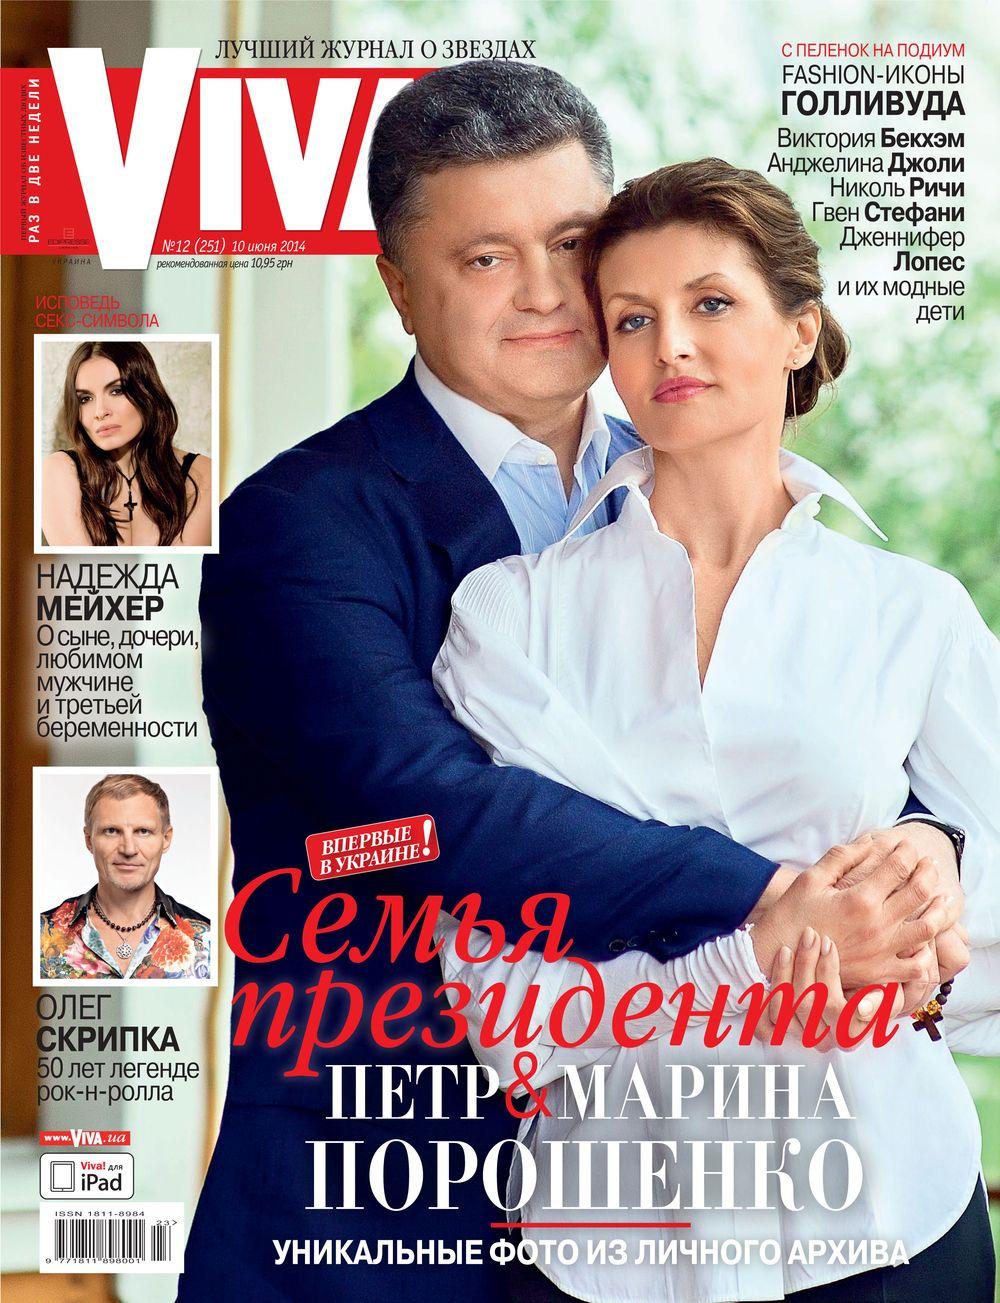 Петр Порошенко и его жена Марина